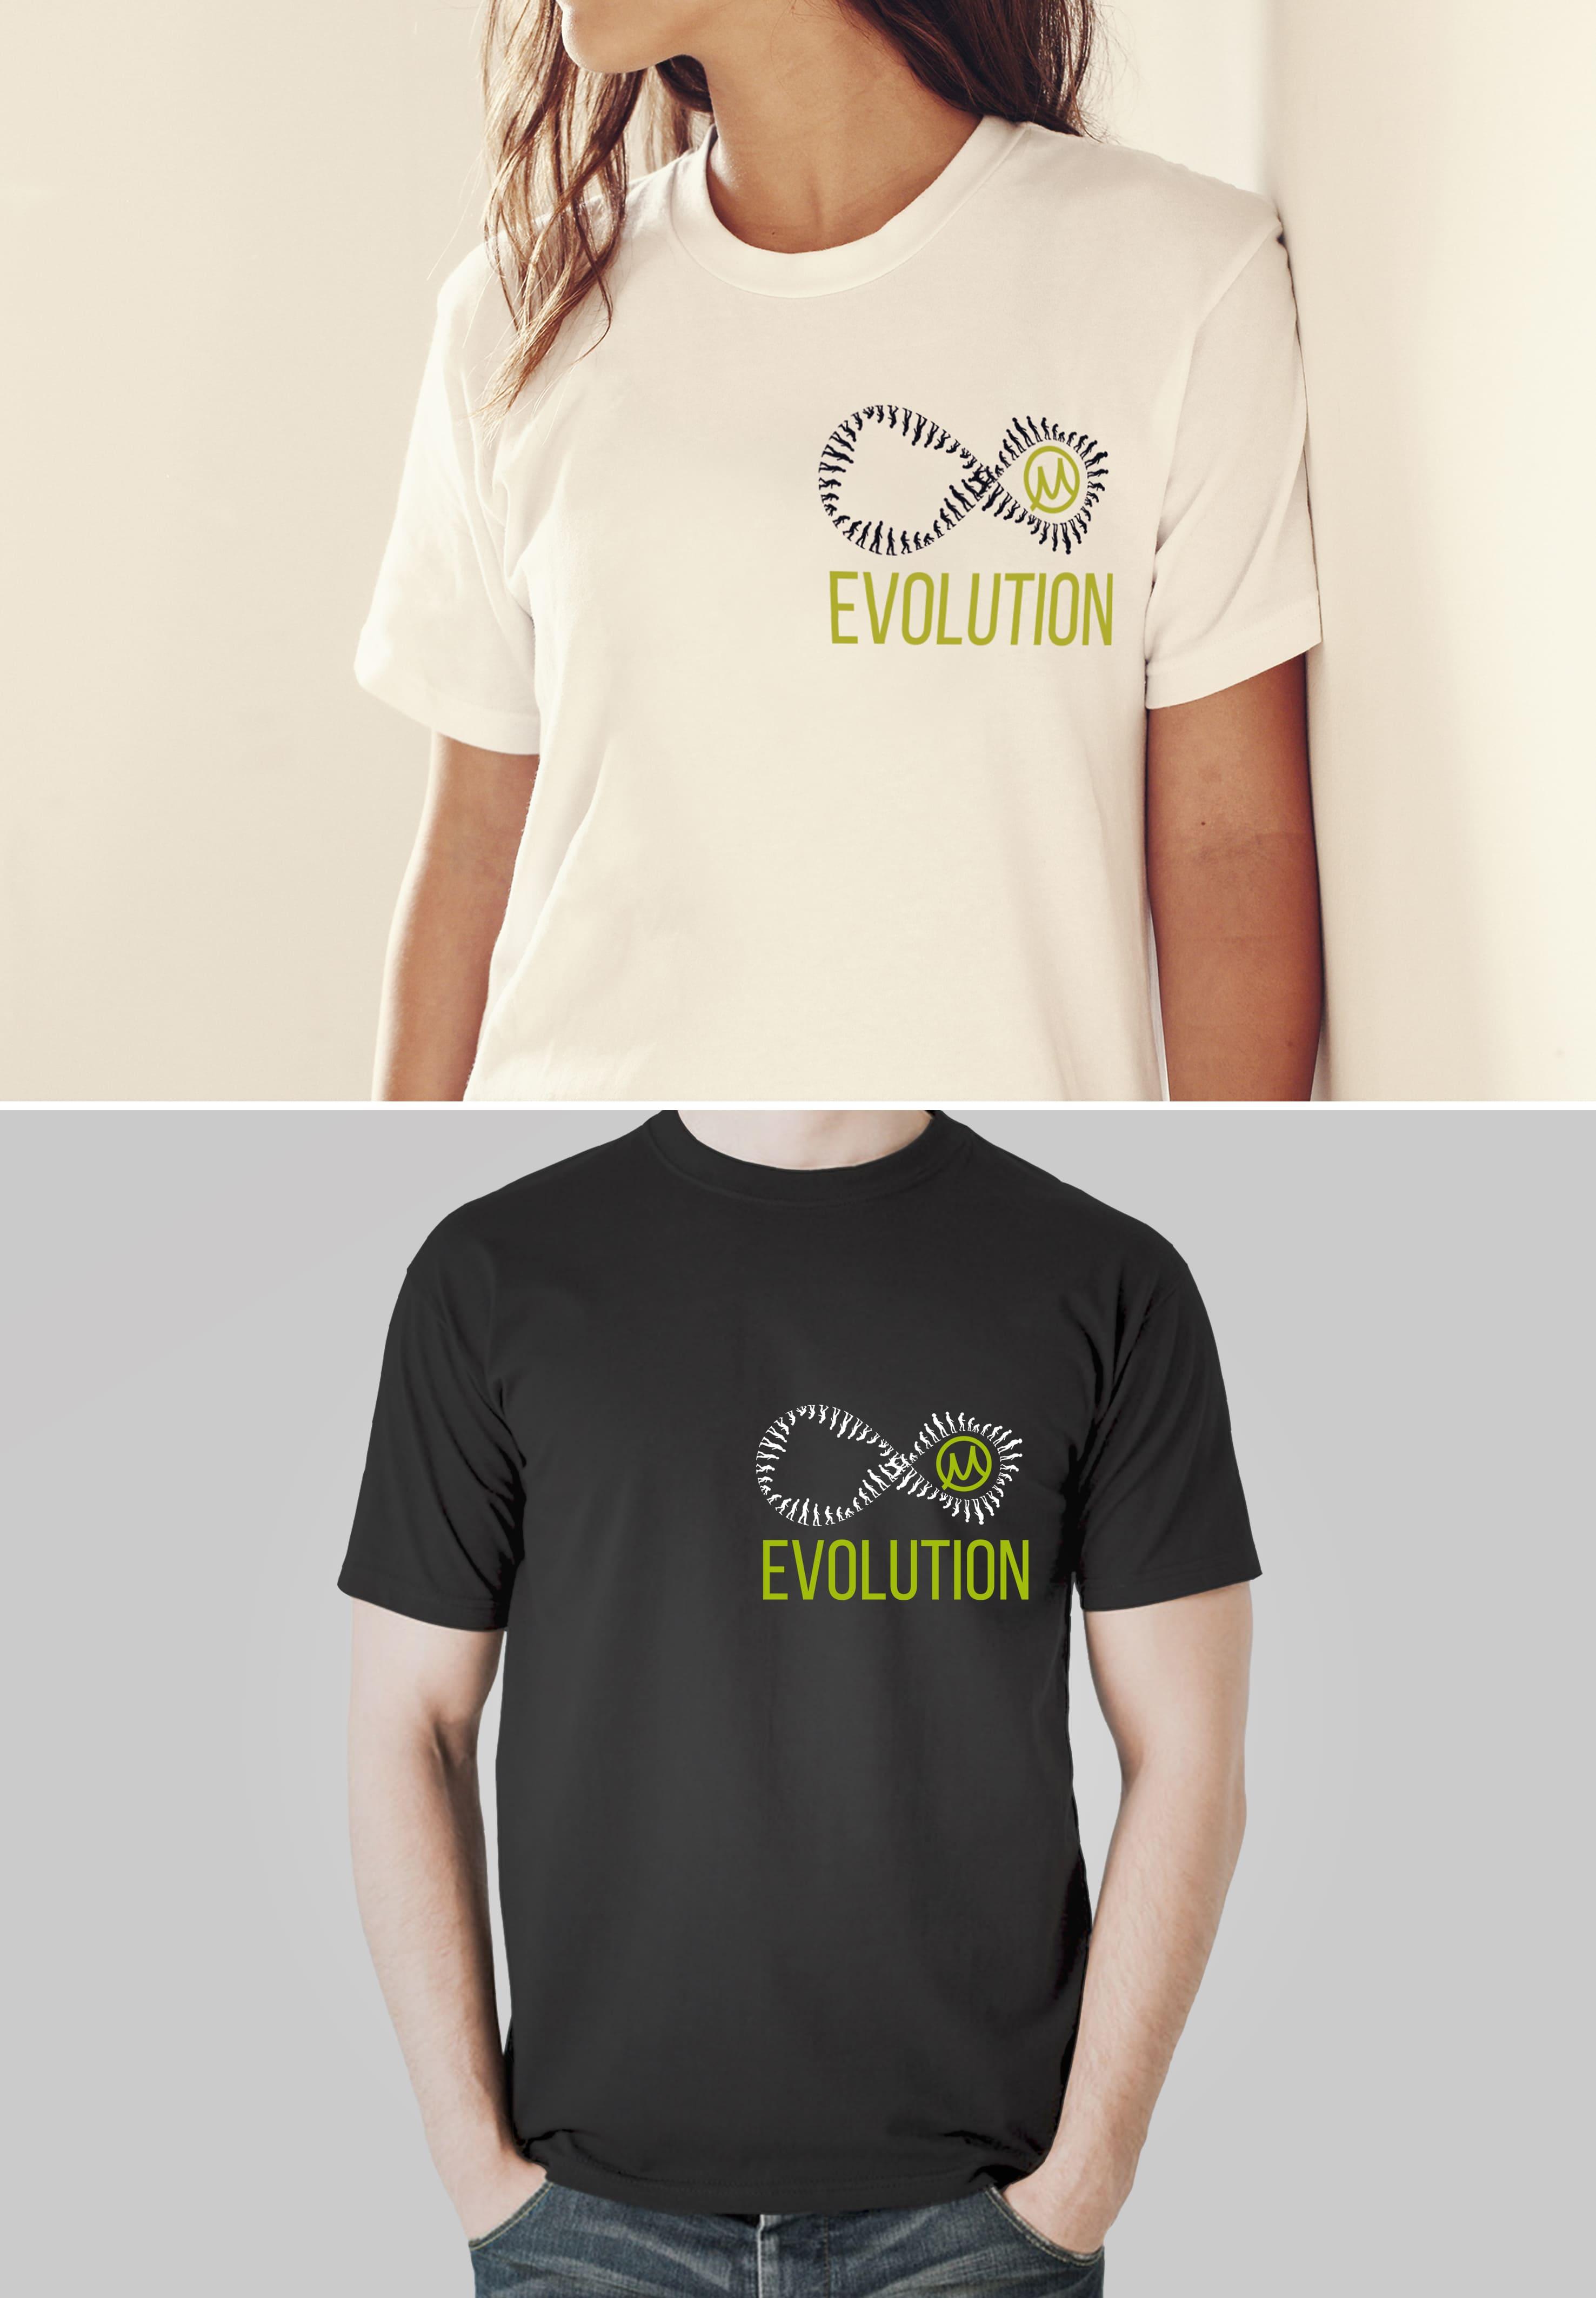 Нарисовать принты на футболки для компании Моторика фото f_24260a63da051ac8.jpg